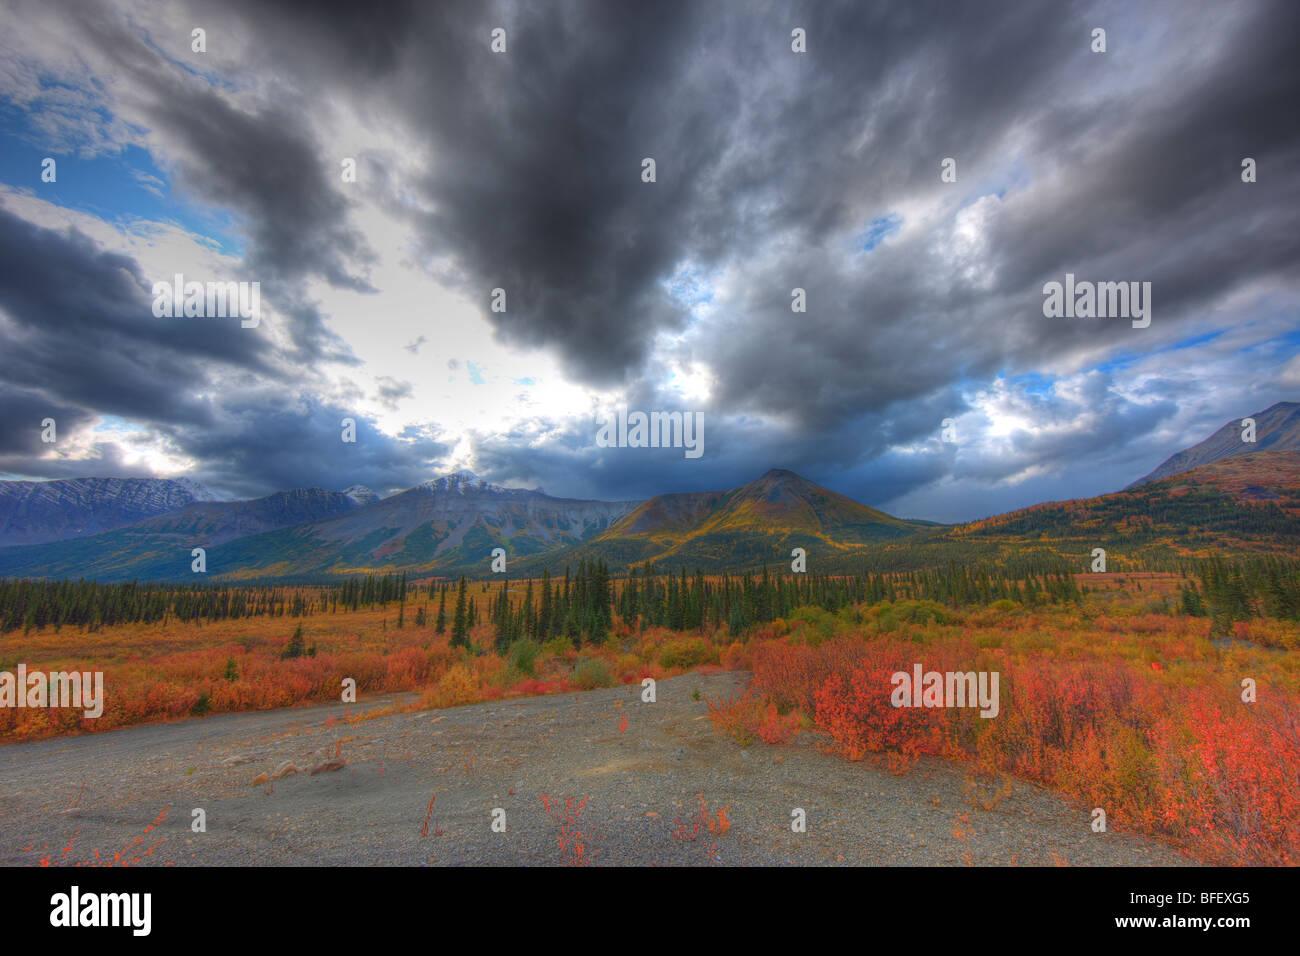 Ciel dégagé après une tempête le long de la route Canol Nord, au Yukon. Photo Stock